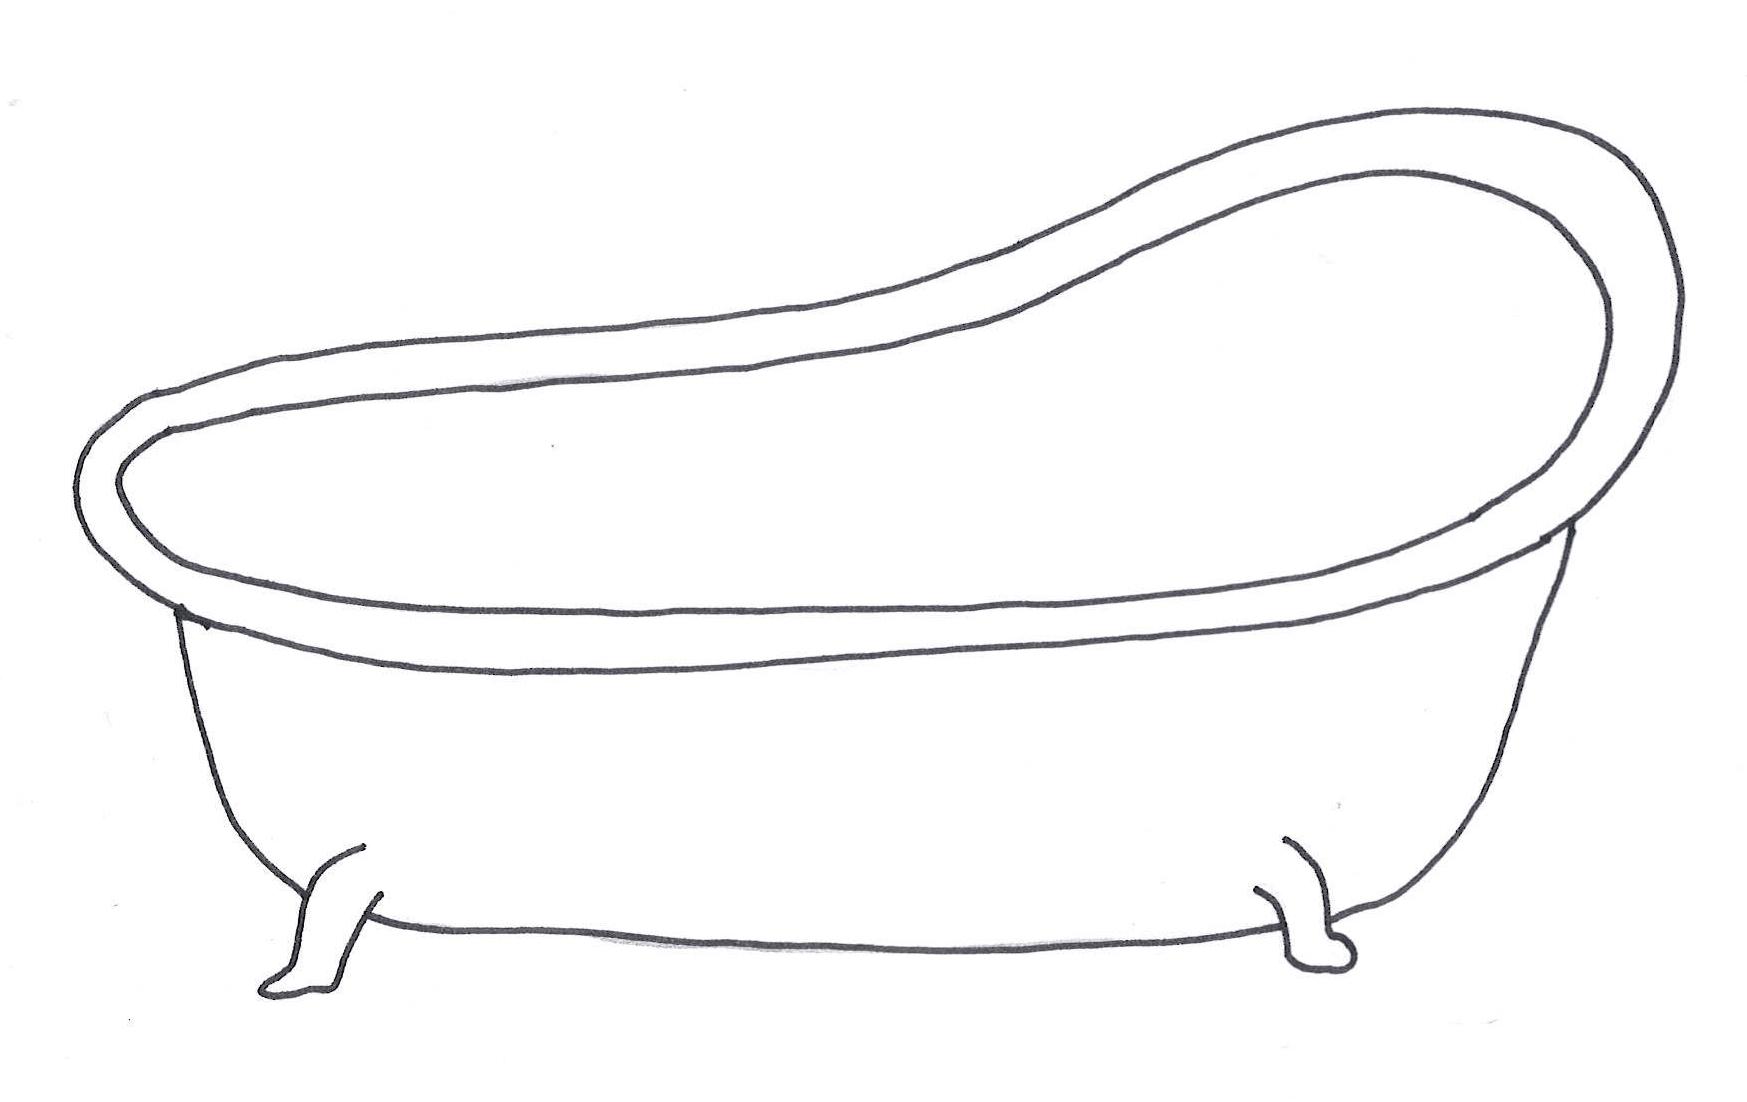 wieviel liter passen in eine badewanne fabulous die. Black Bedroom Furniture Sets. Home Design Ideas